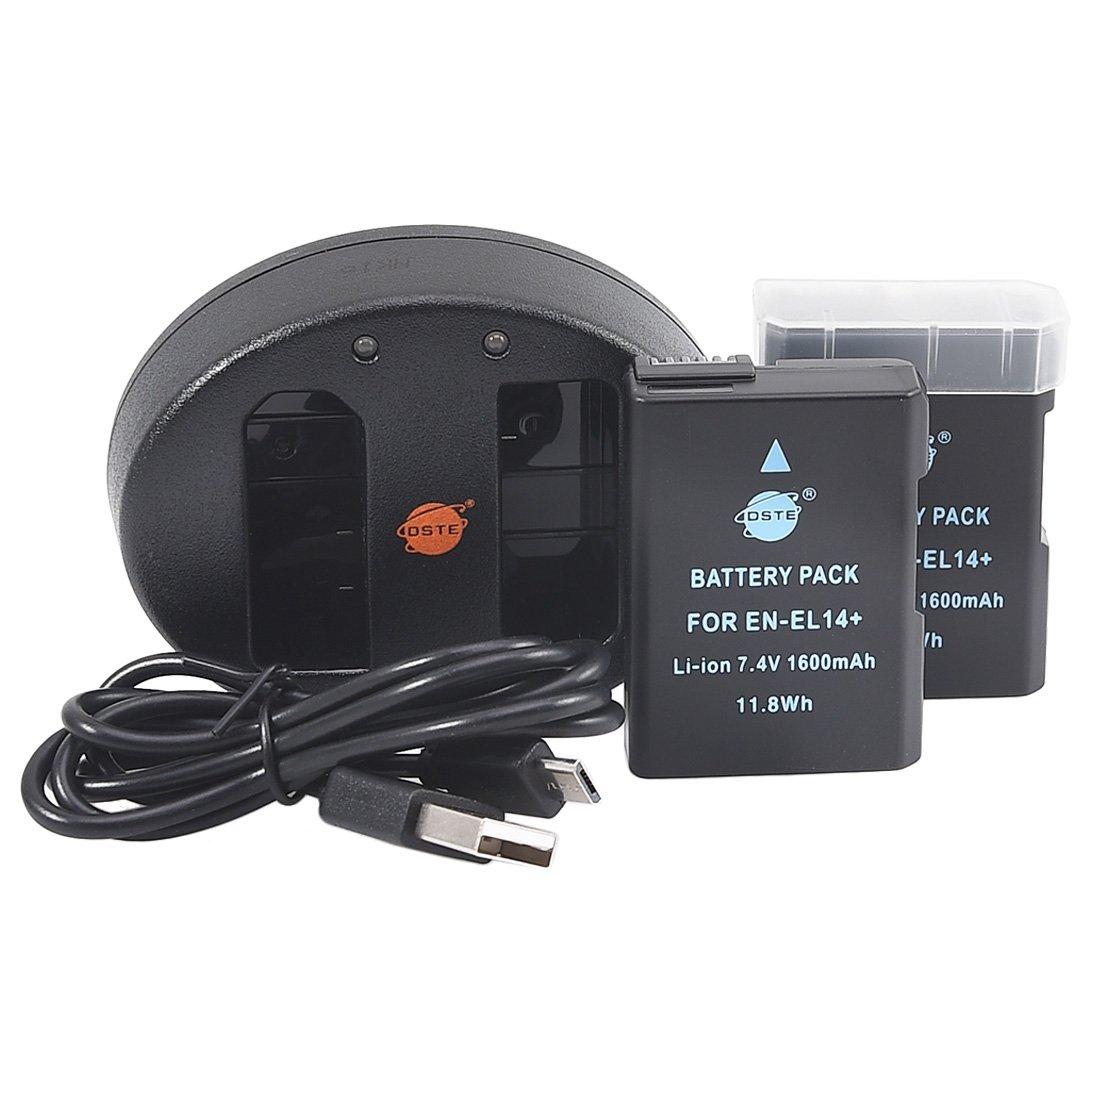 DSTE 2pcs Batería + Cargador de Batería USB para Nikon EN-EL14 EN-EL14A DF D3100 D3200 D3300 D3400 D3500 D5100 D5200 D5300 D5500 P7000 P7100 P7200 ...